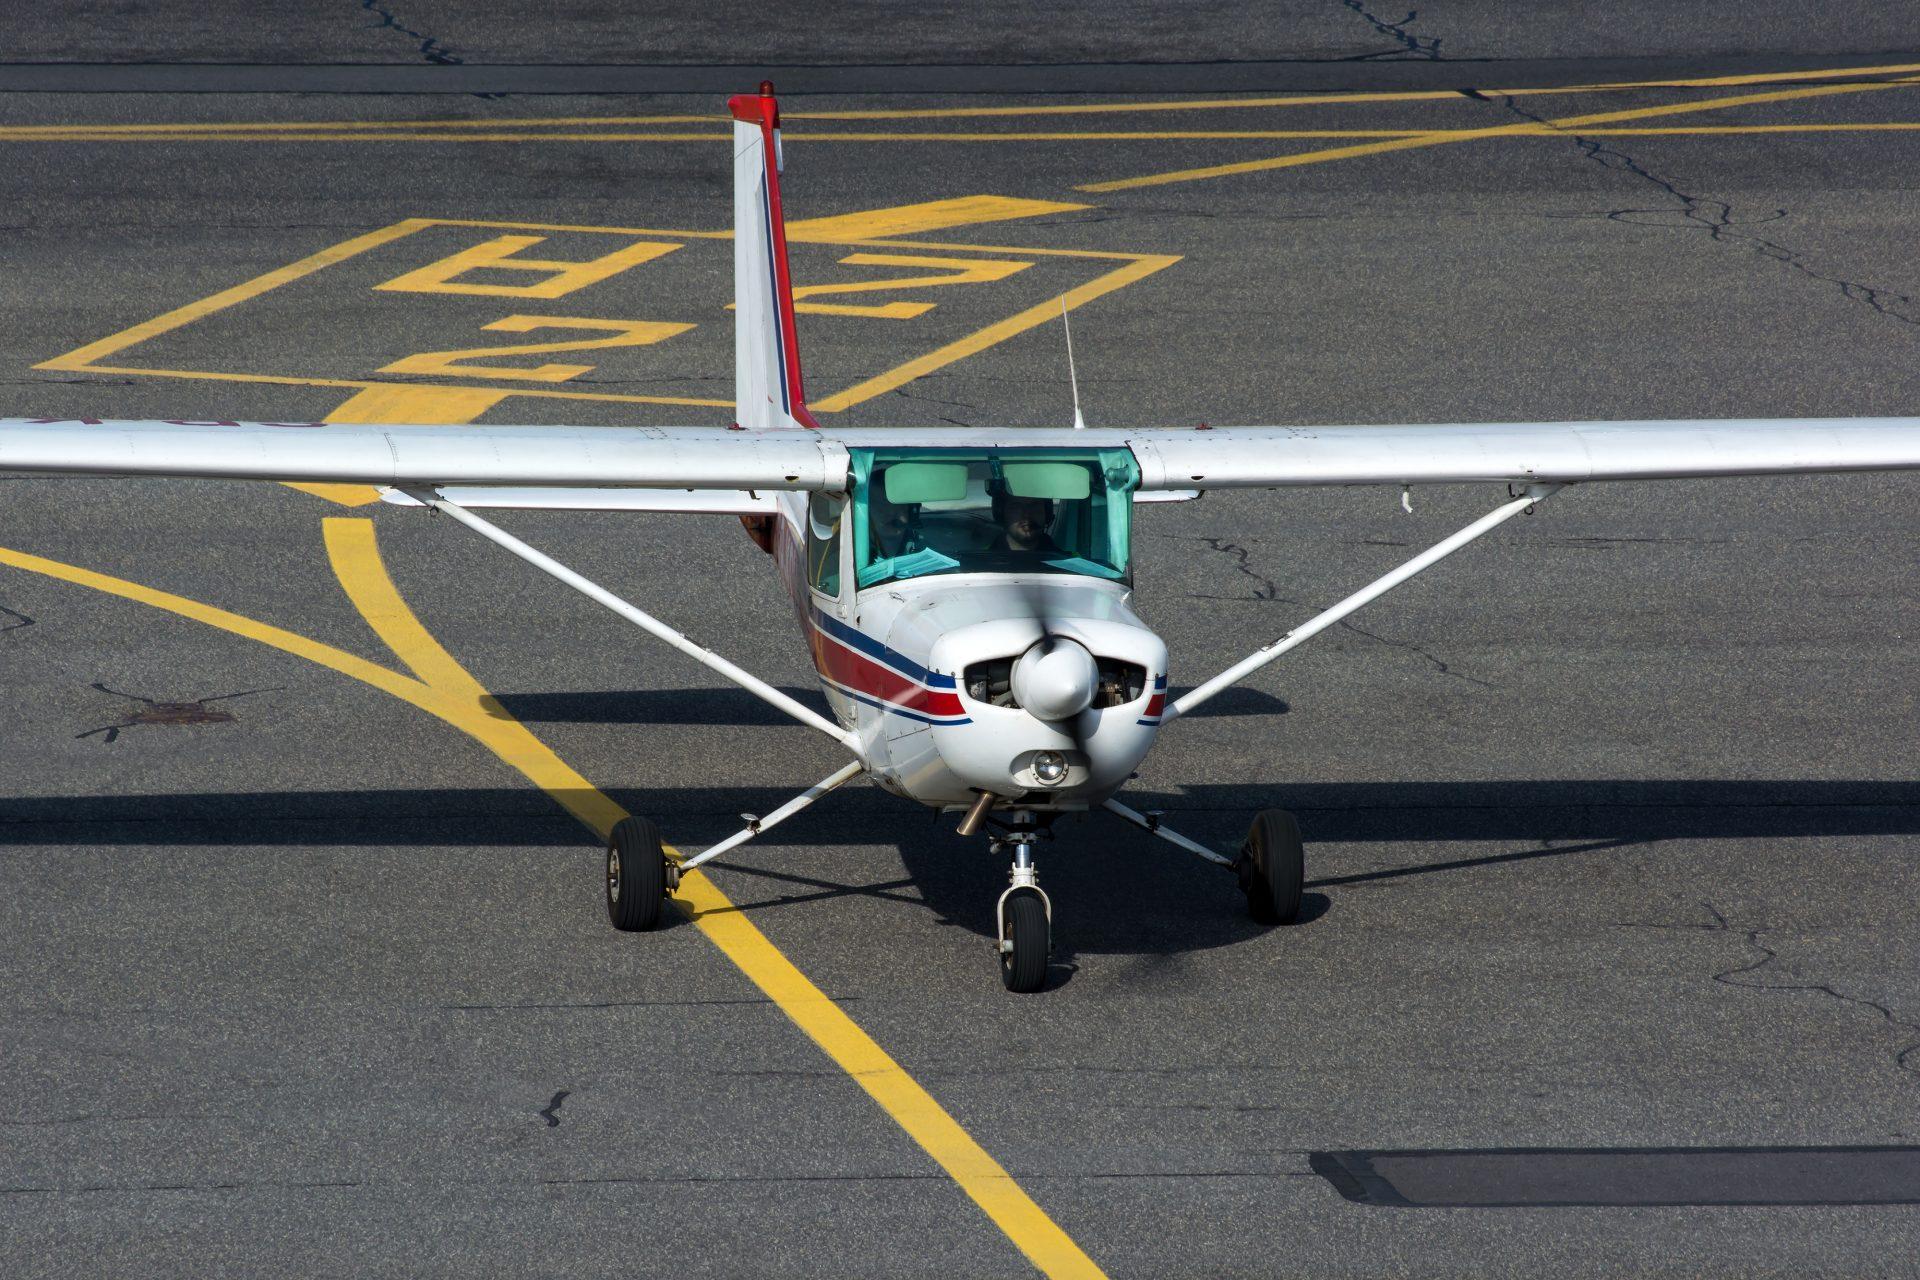 Pilotem na zkoušku z letiště Hradec Králové pro 1 osobu - Svět Radovánek 462fa795db